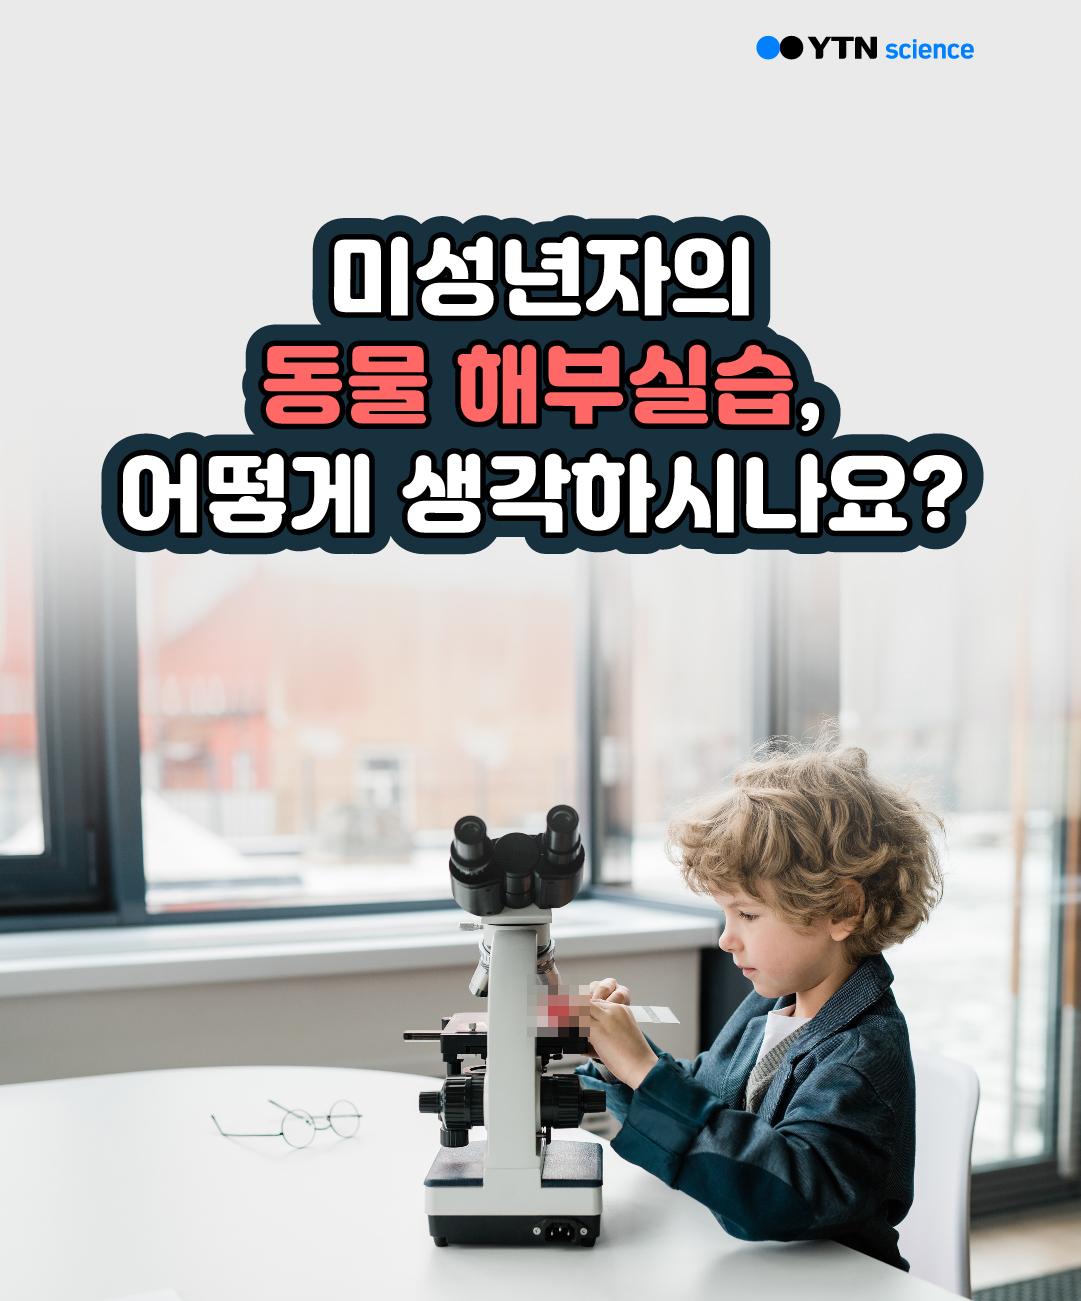 미성년자의 동물 해부실습, 어떻게 생각하시나요? 이미지